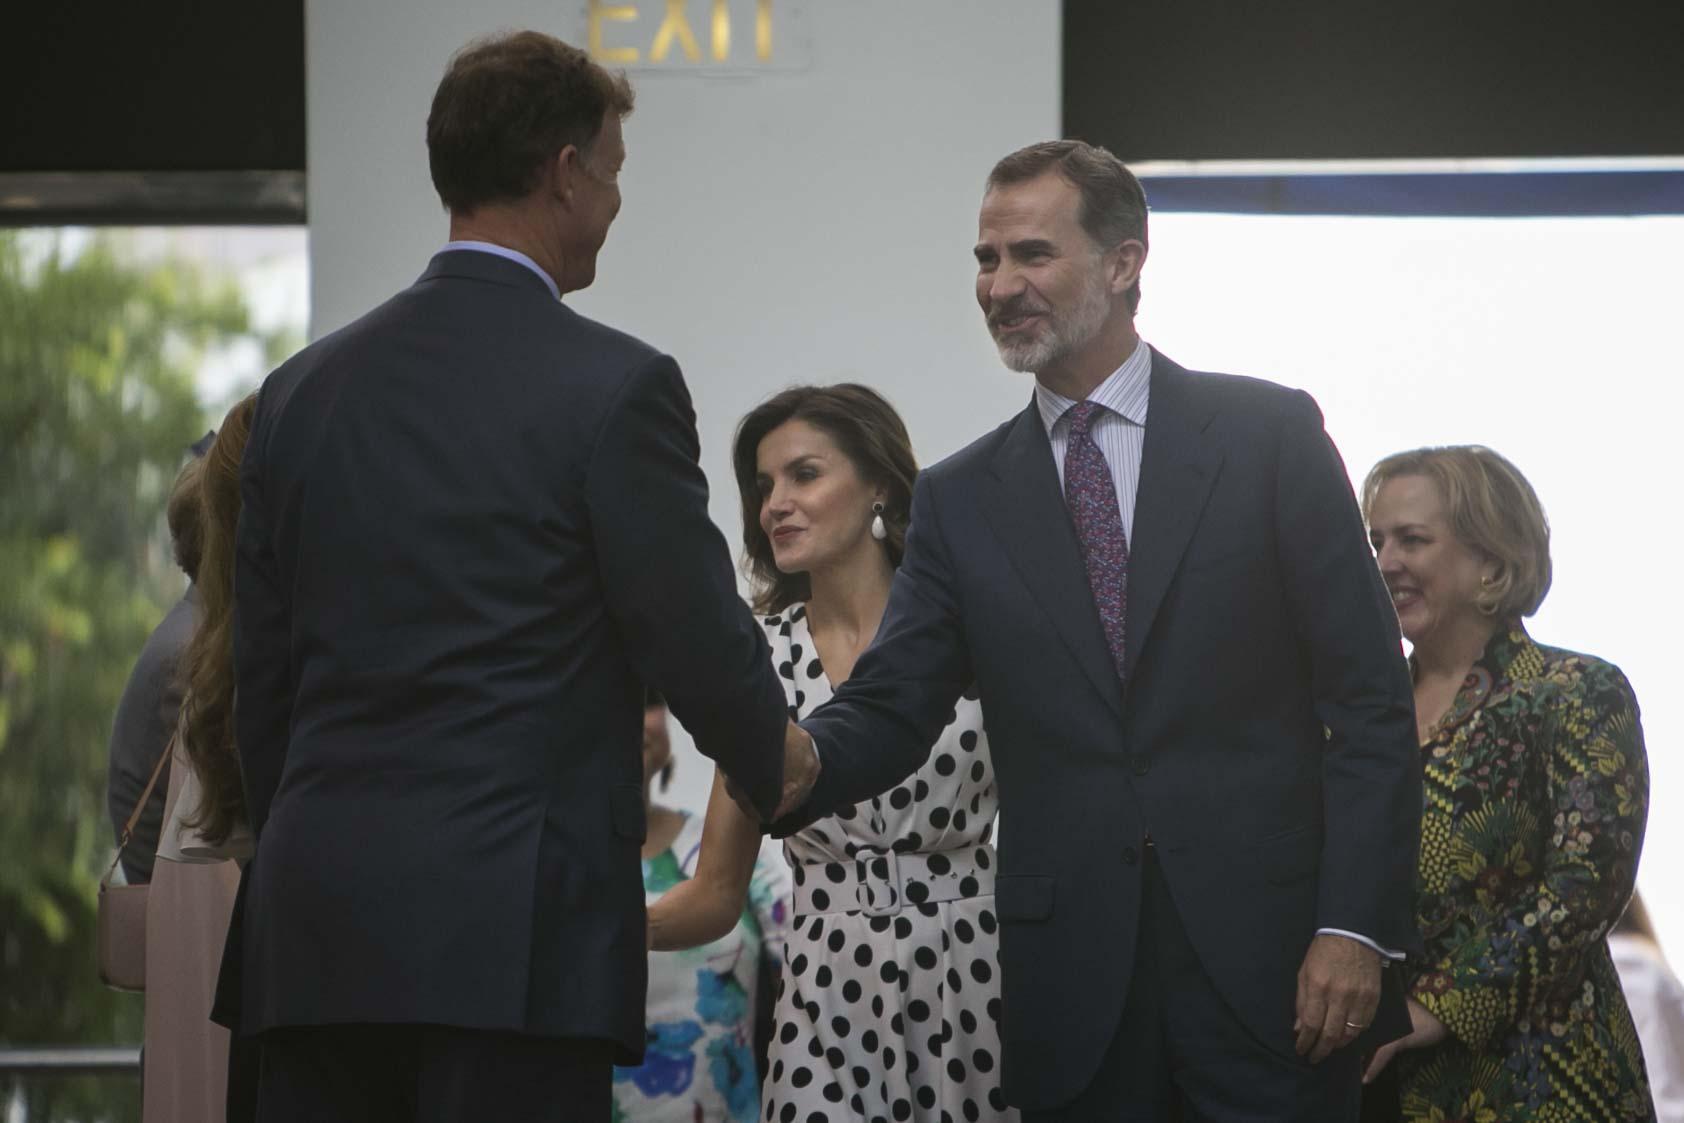 Spanish Royalty Conclude Heartwarming San Antonio Visit San